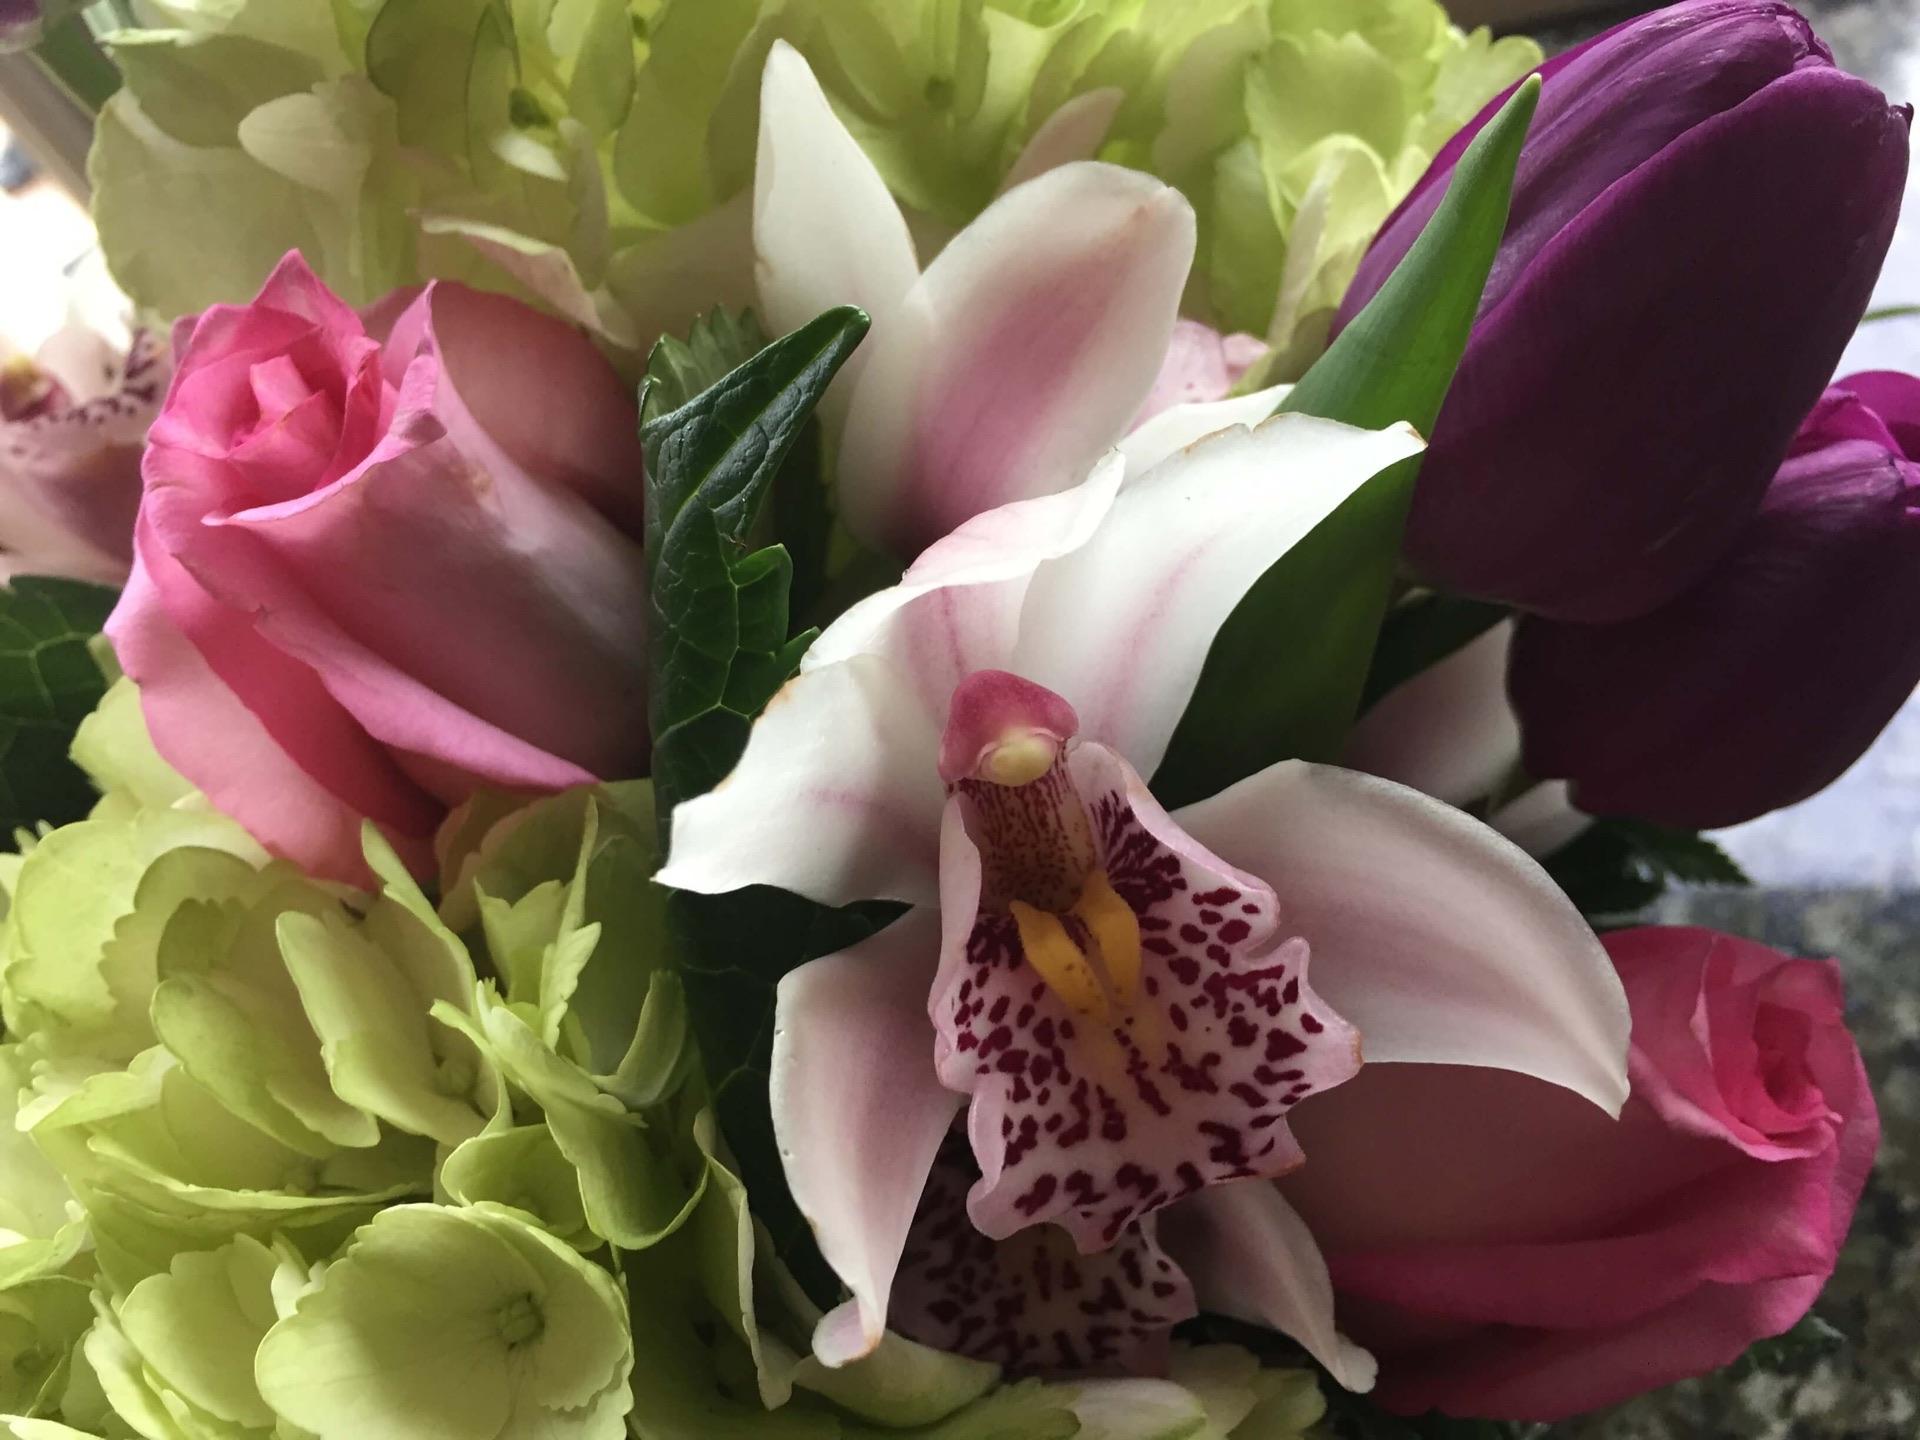 A lush mixed flower arrangement